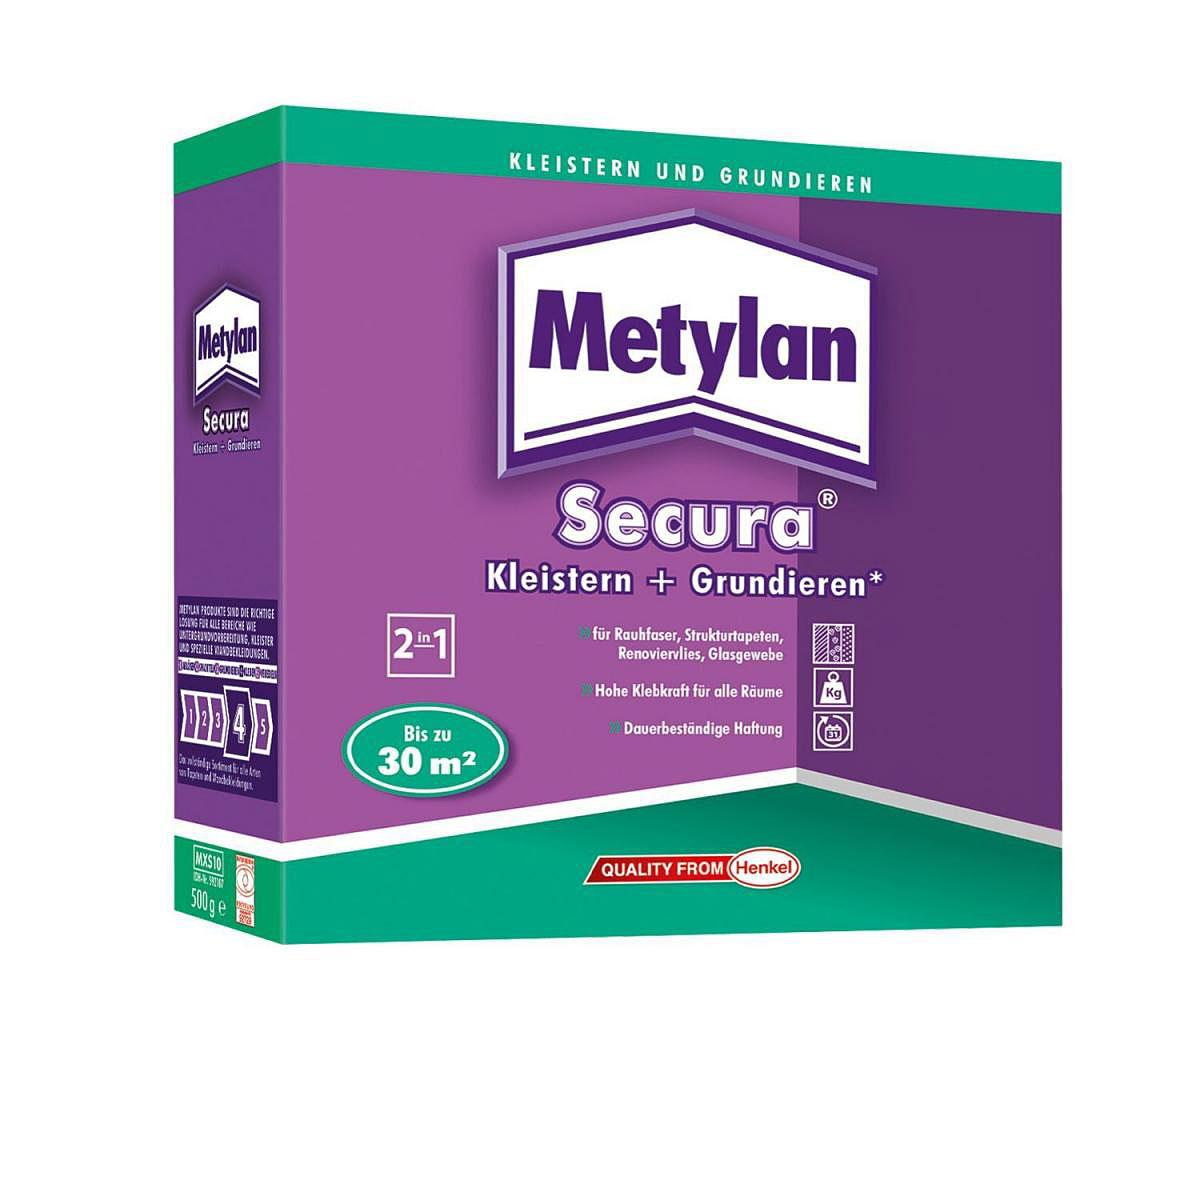 Metylan secura, 500g